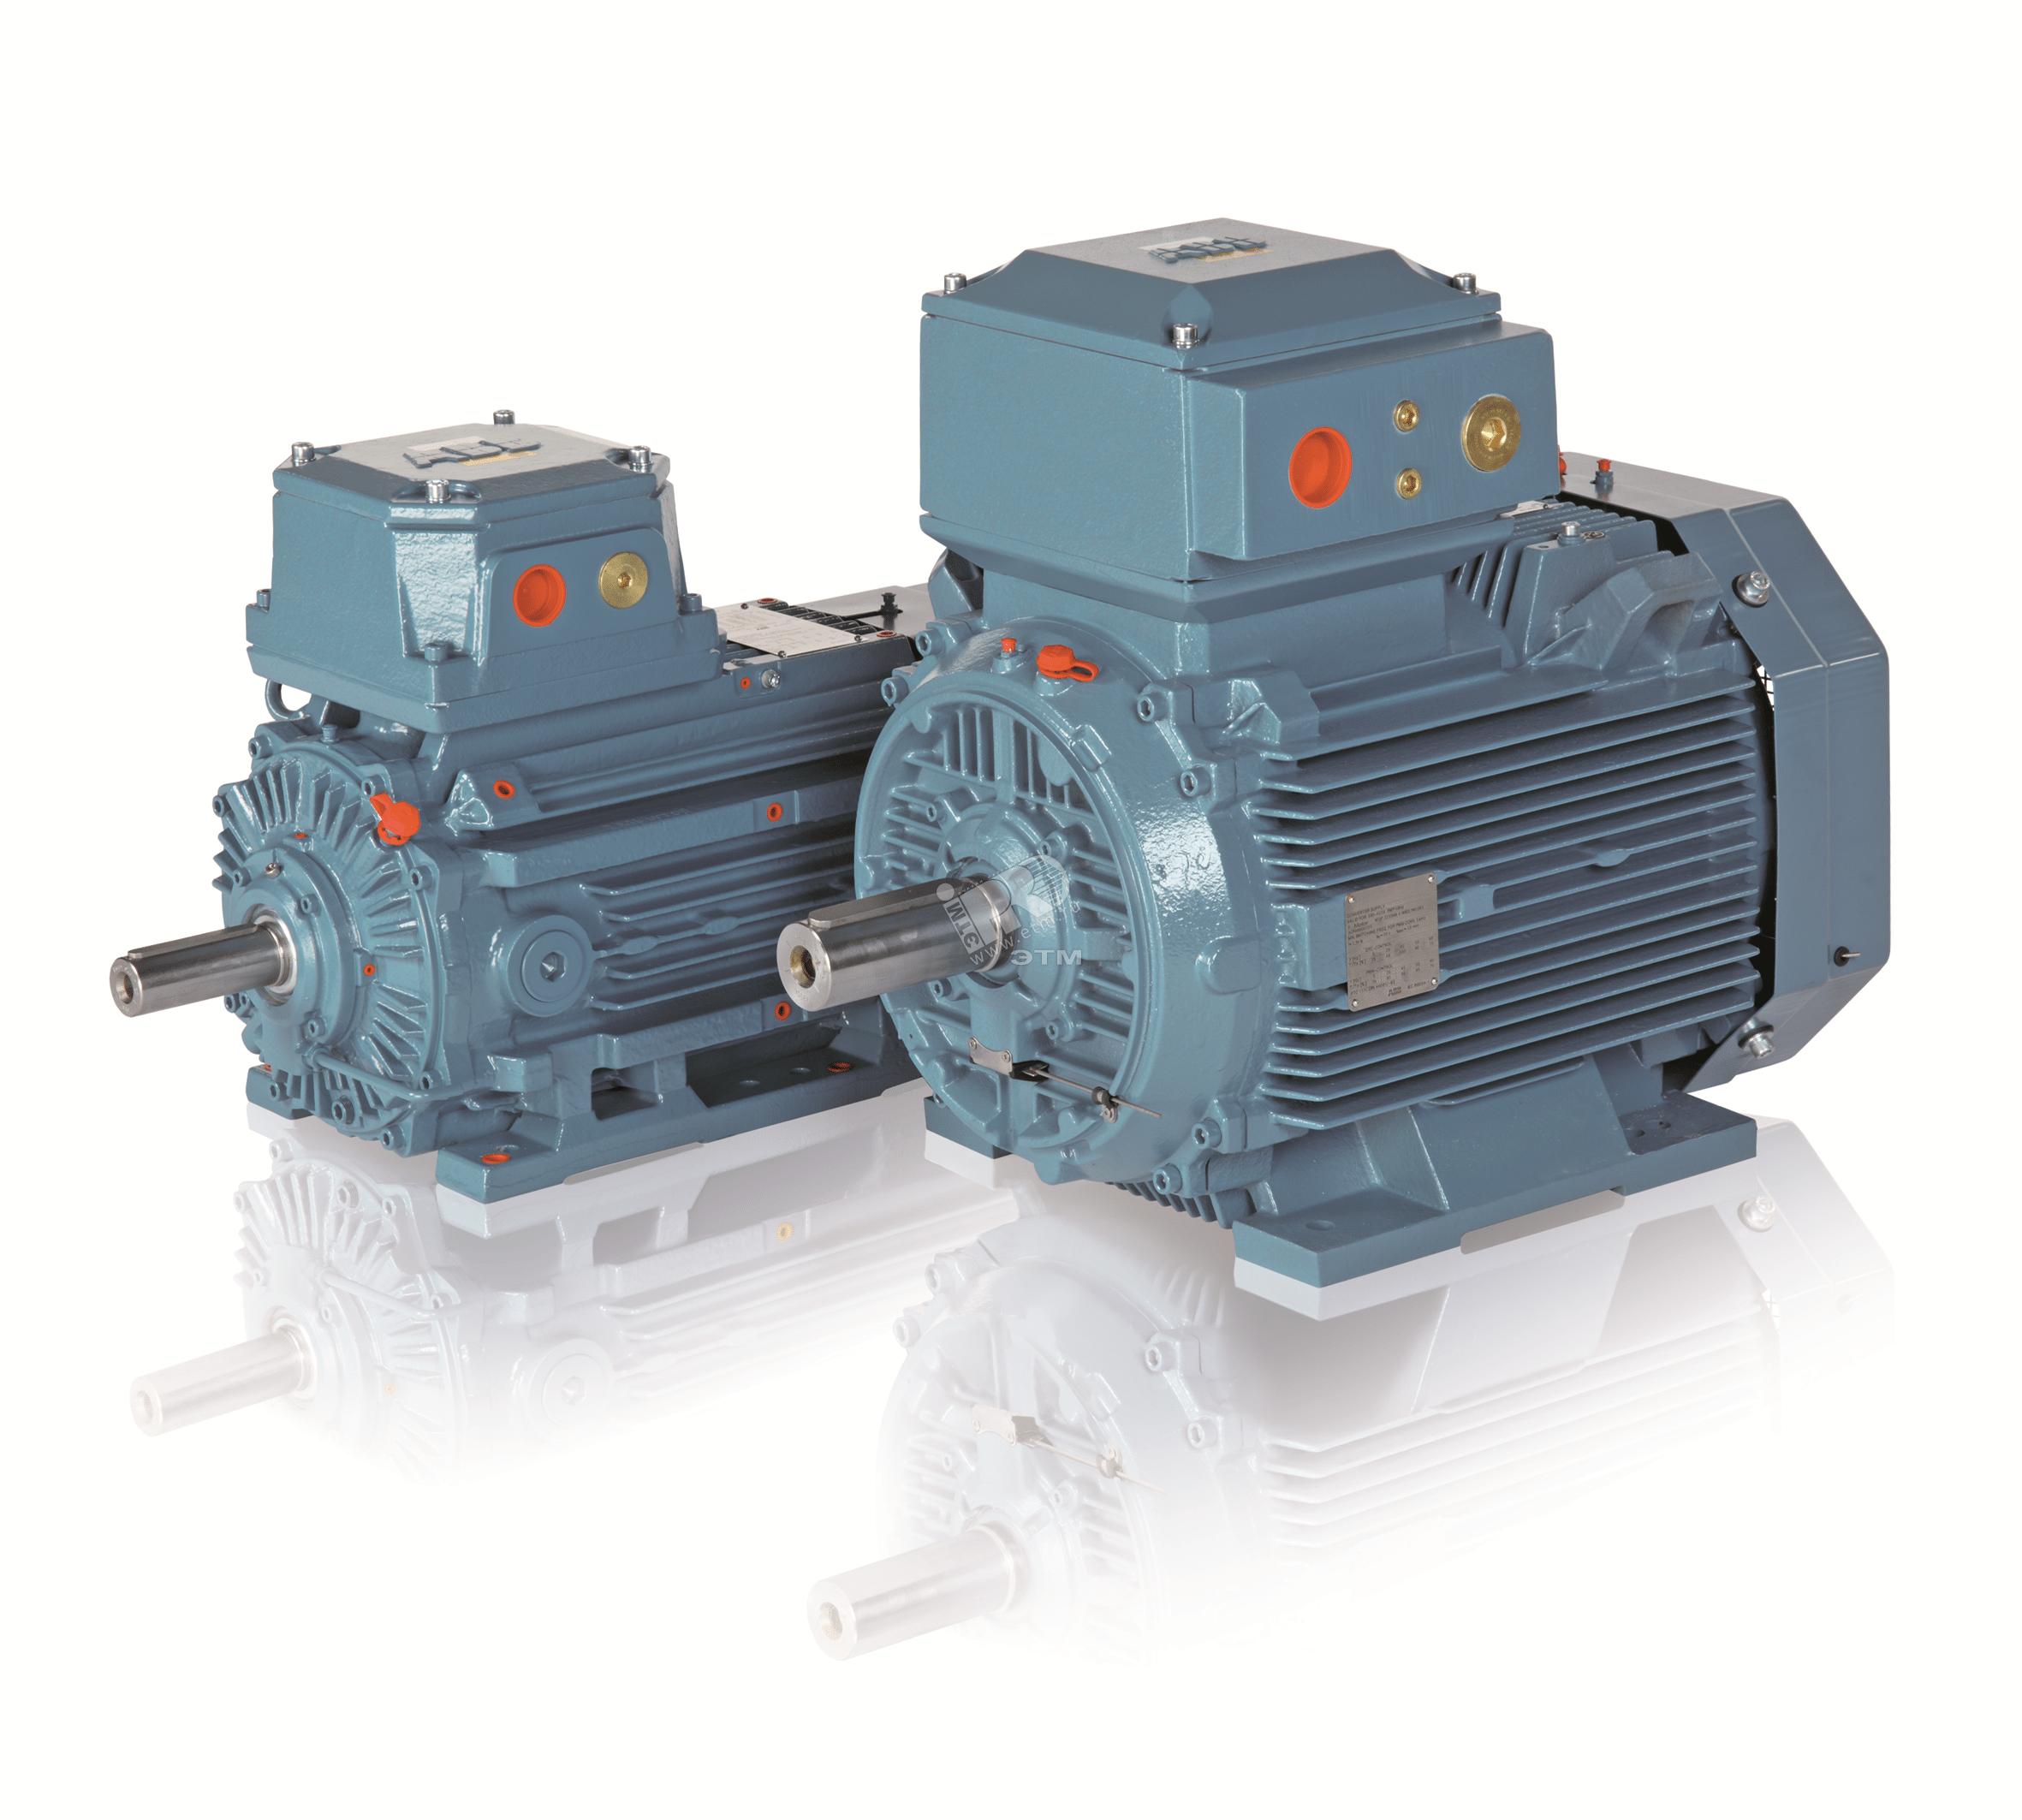 Сравнительный анализ систем регулирования угловой скорости асинхронного электродвигателя